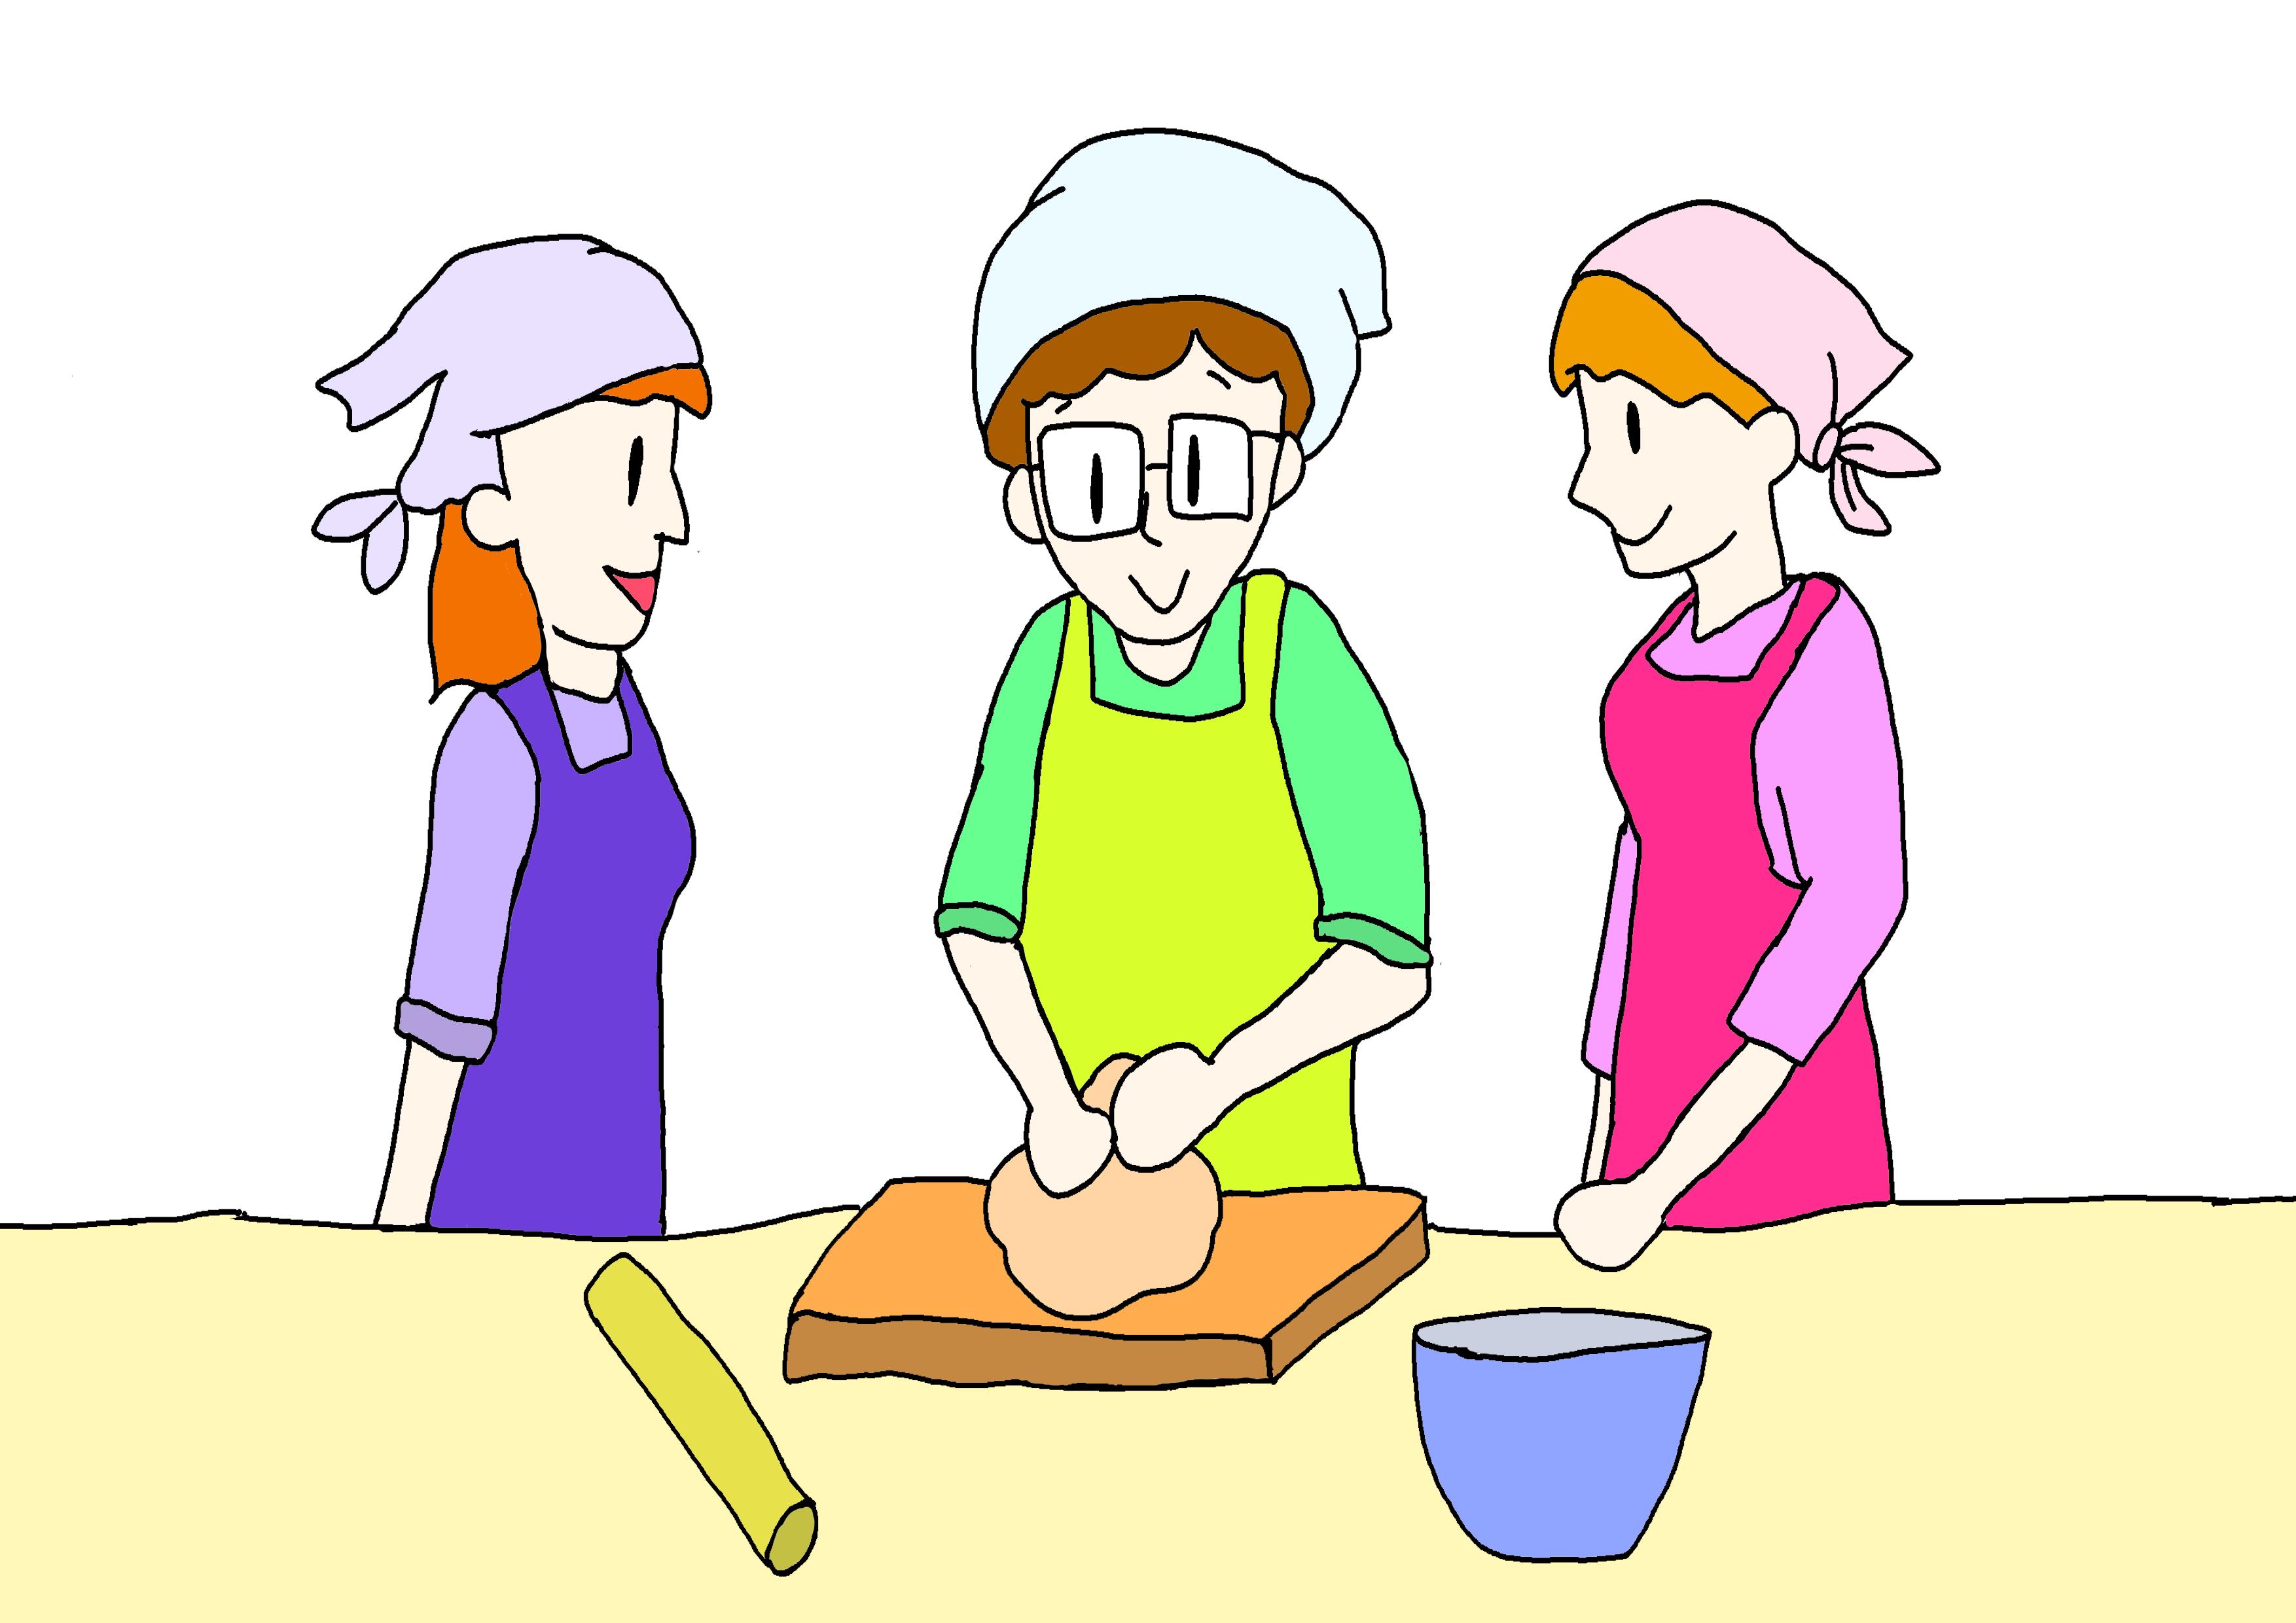 27課イラスト【料理教室を開く】